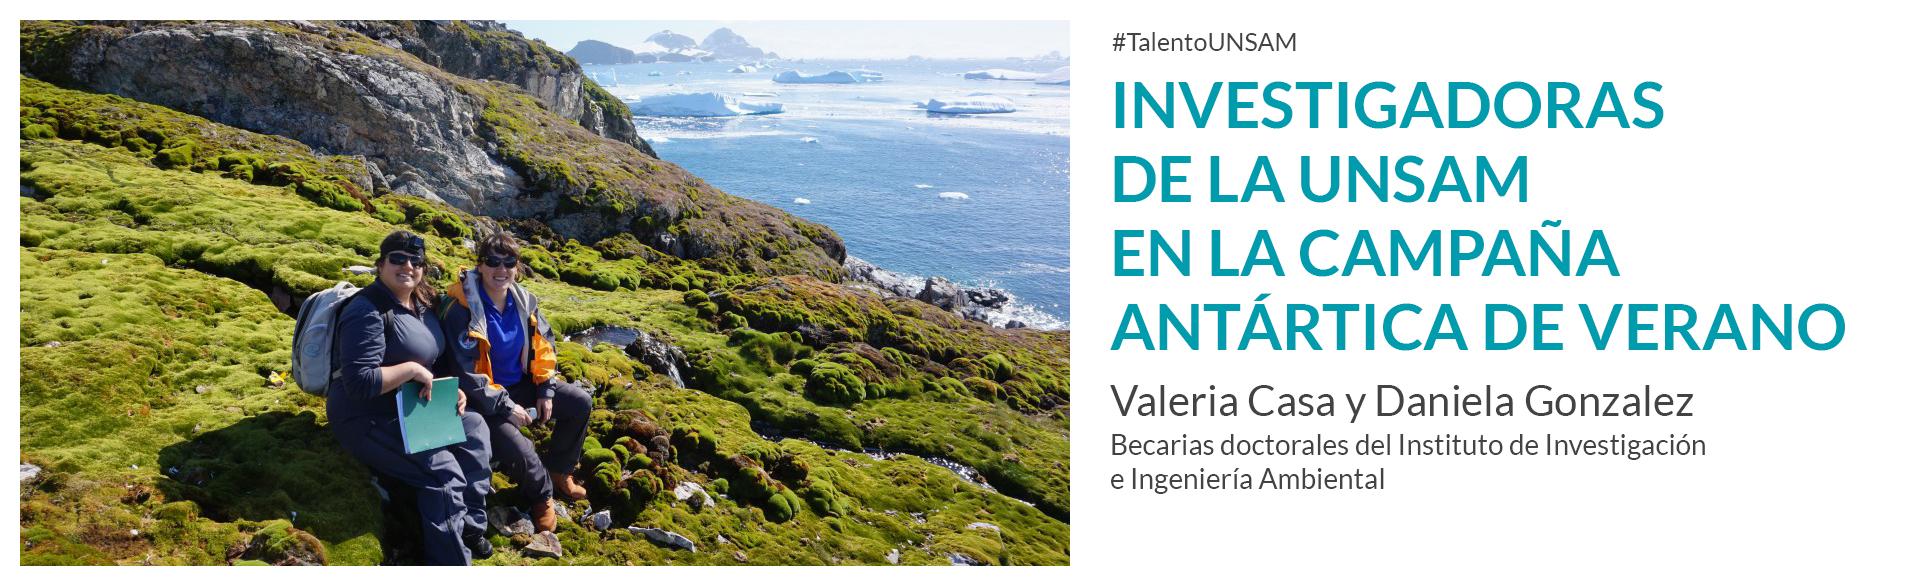 Investigadoras 3iA en la Campaña Antártica de Verano